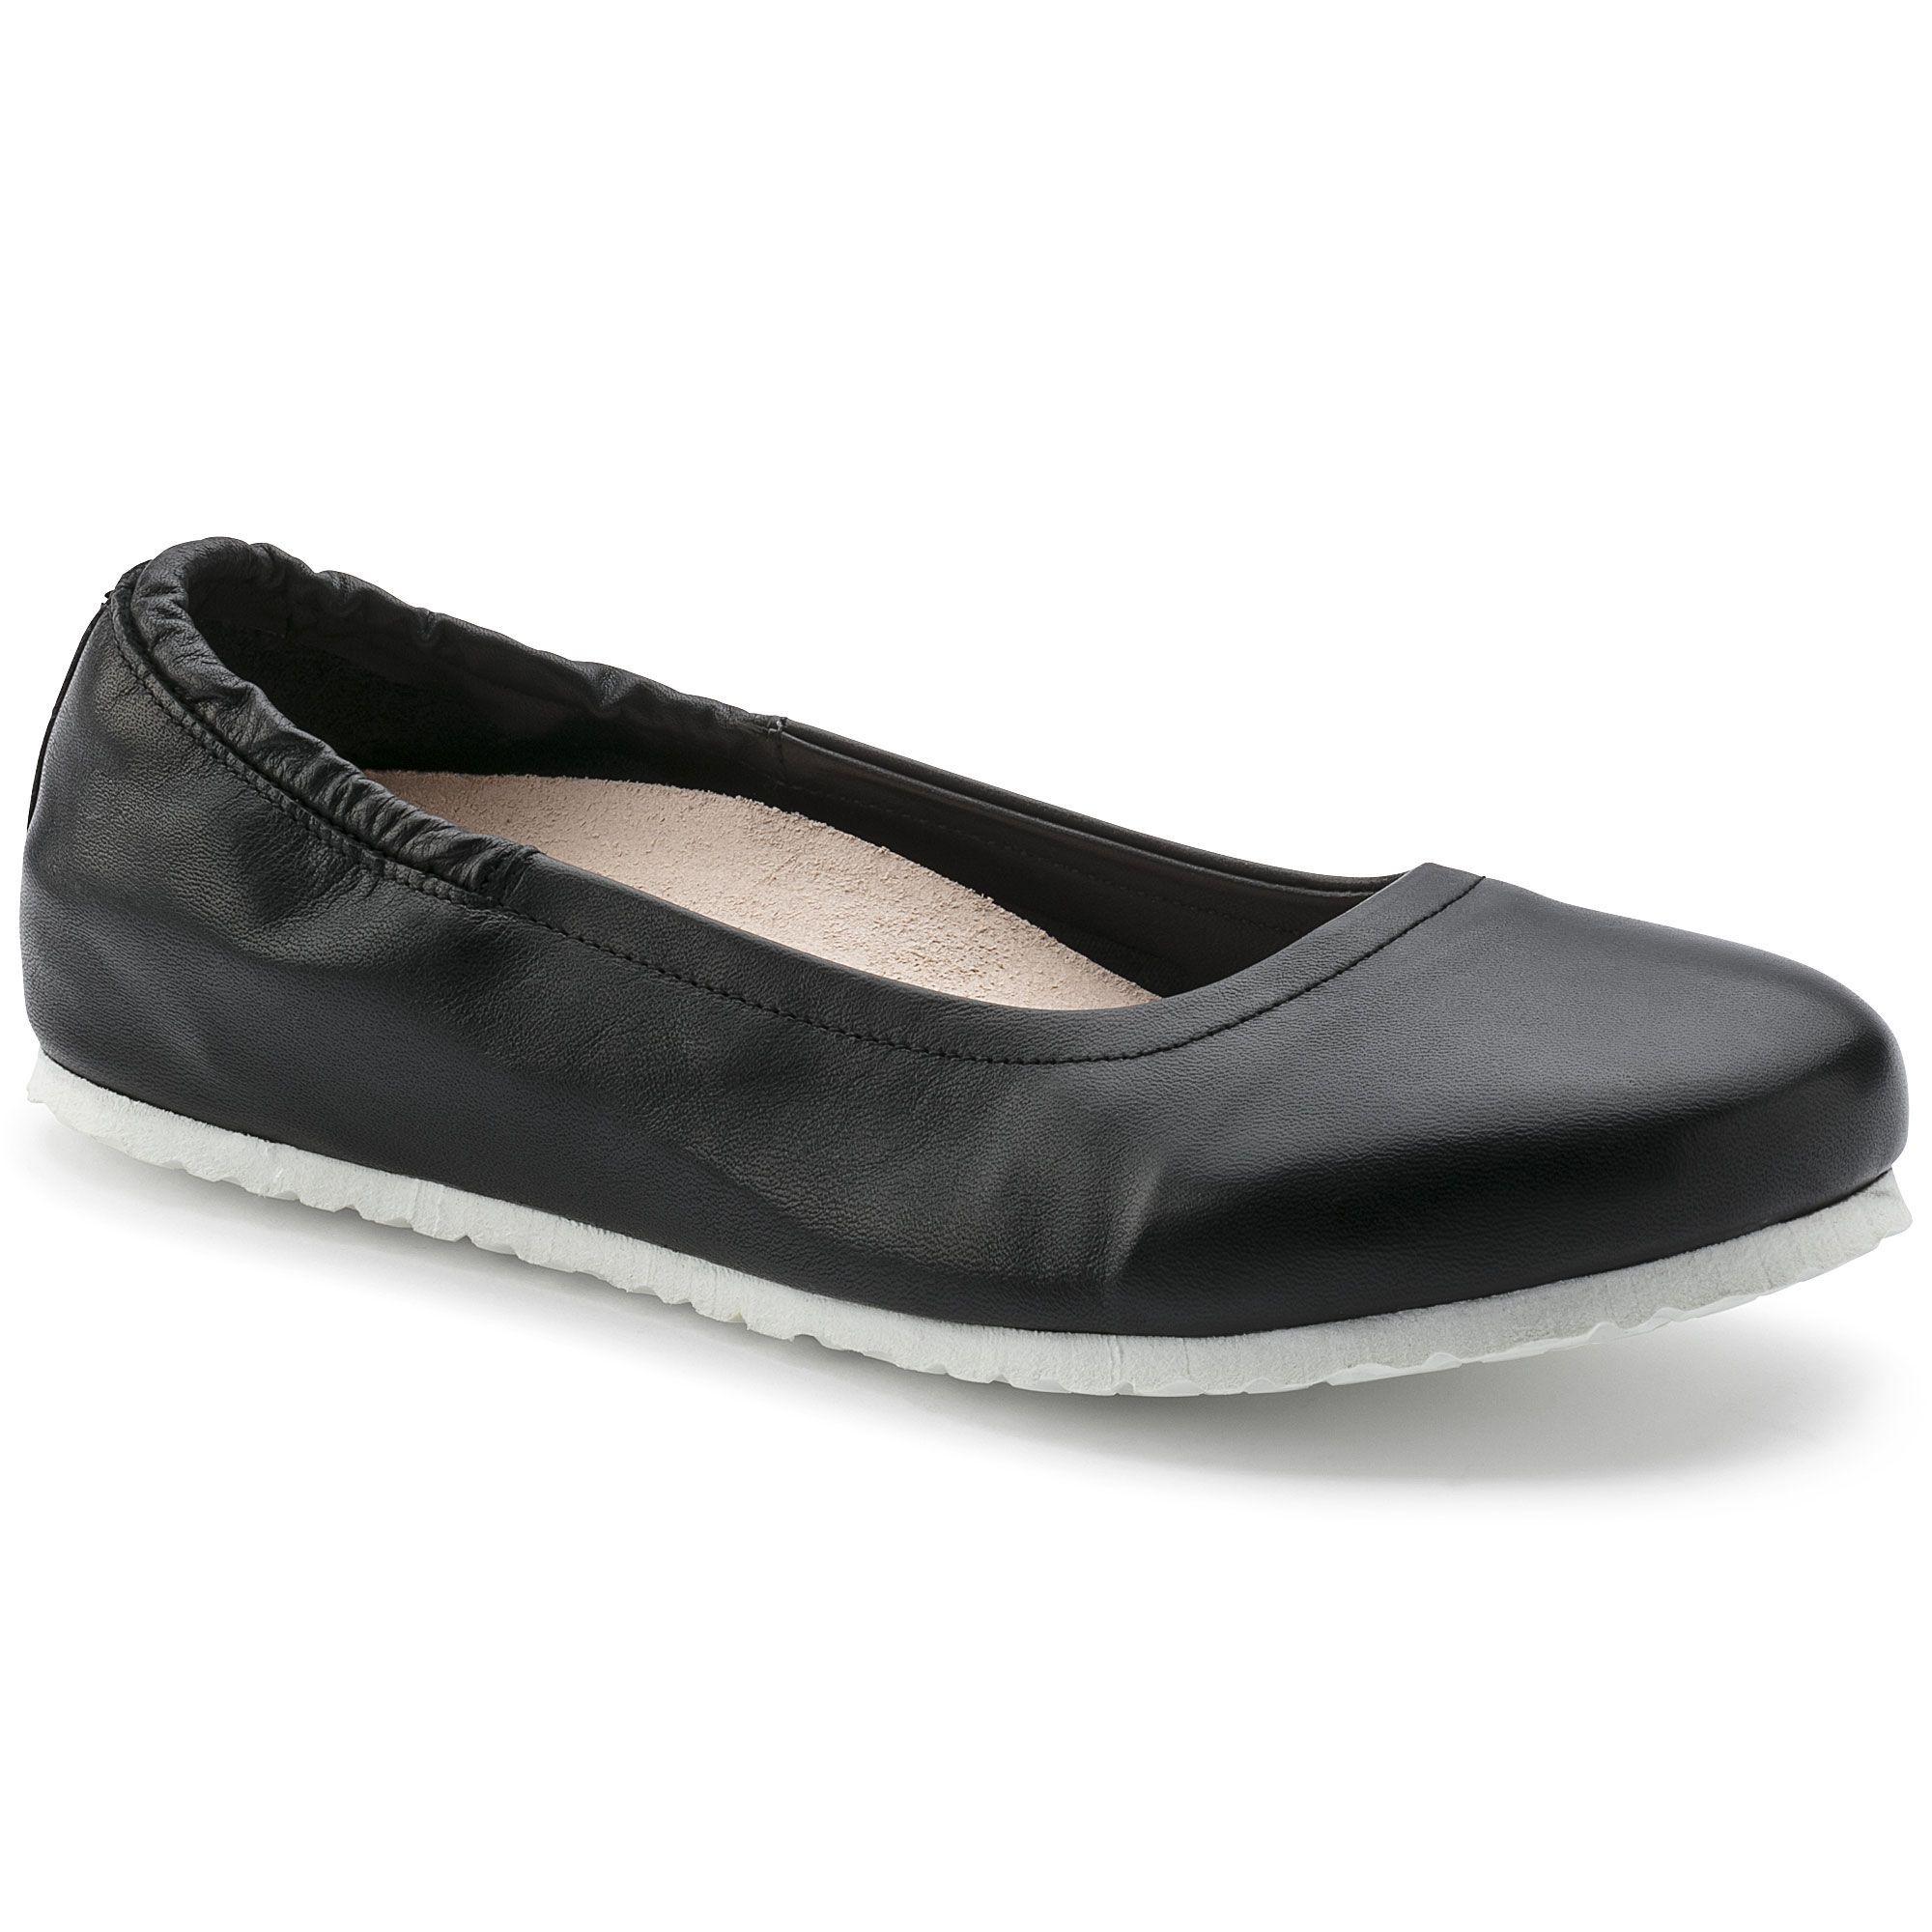 BIRKENSTOCK USA Online Shop. Natural LeatherBirkenstockBlack LeatherComfy  ShoesFashion TrendsComfortable ...